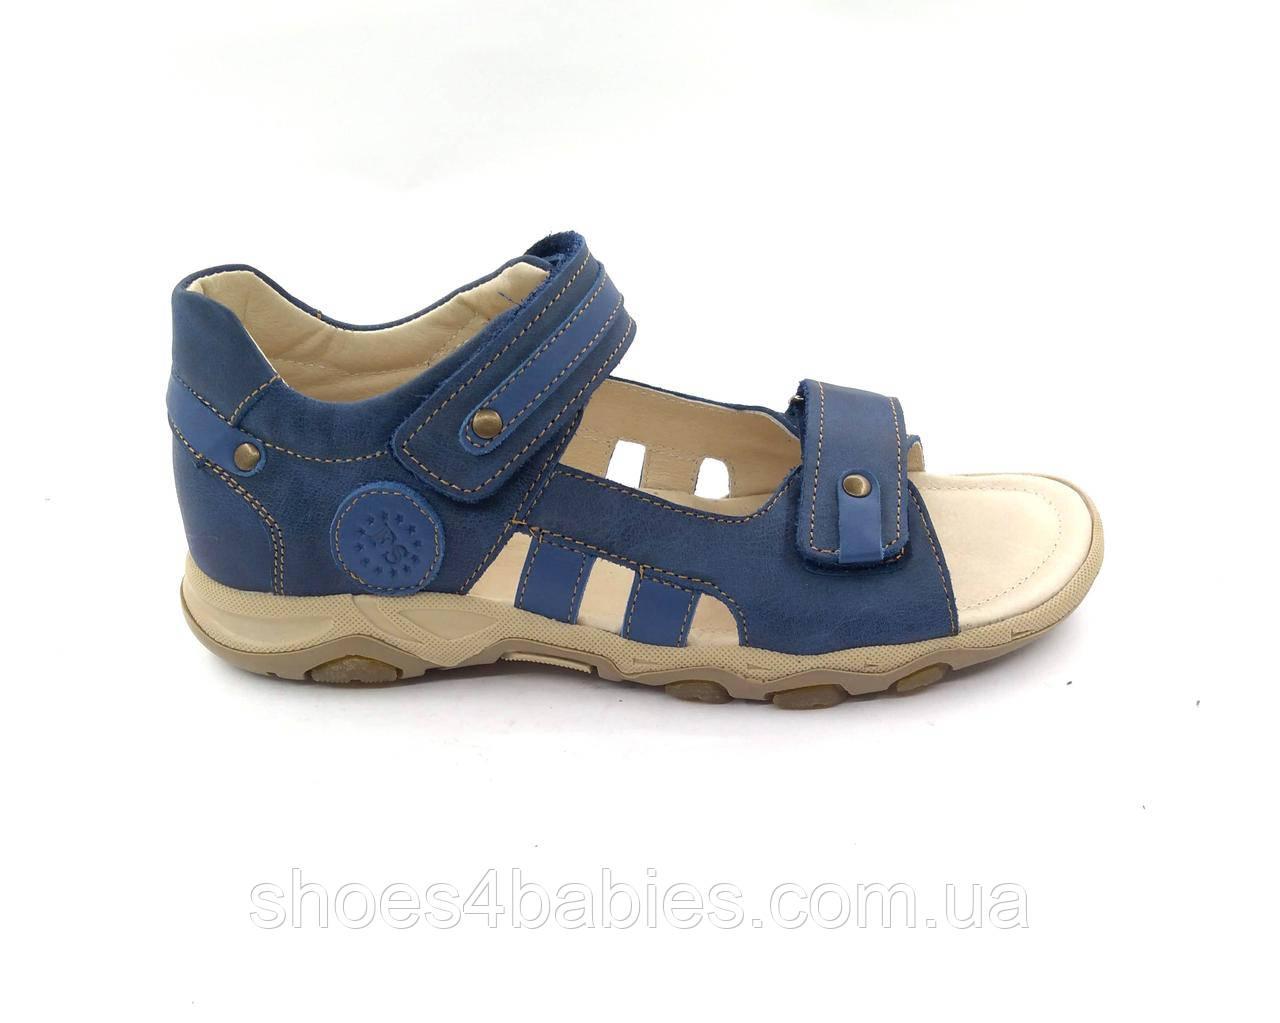 Детские босоножки кожаные ТМ FS р. 26 - 36